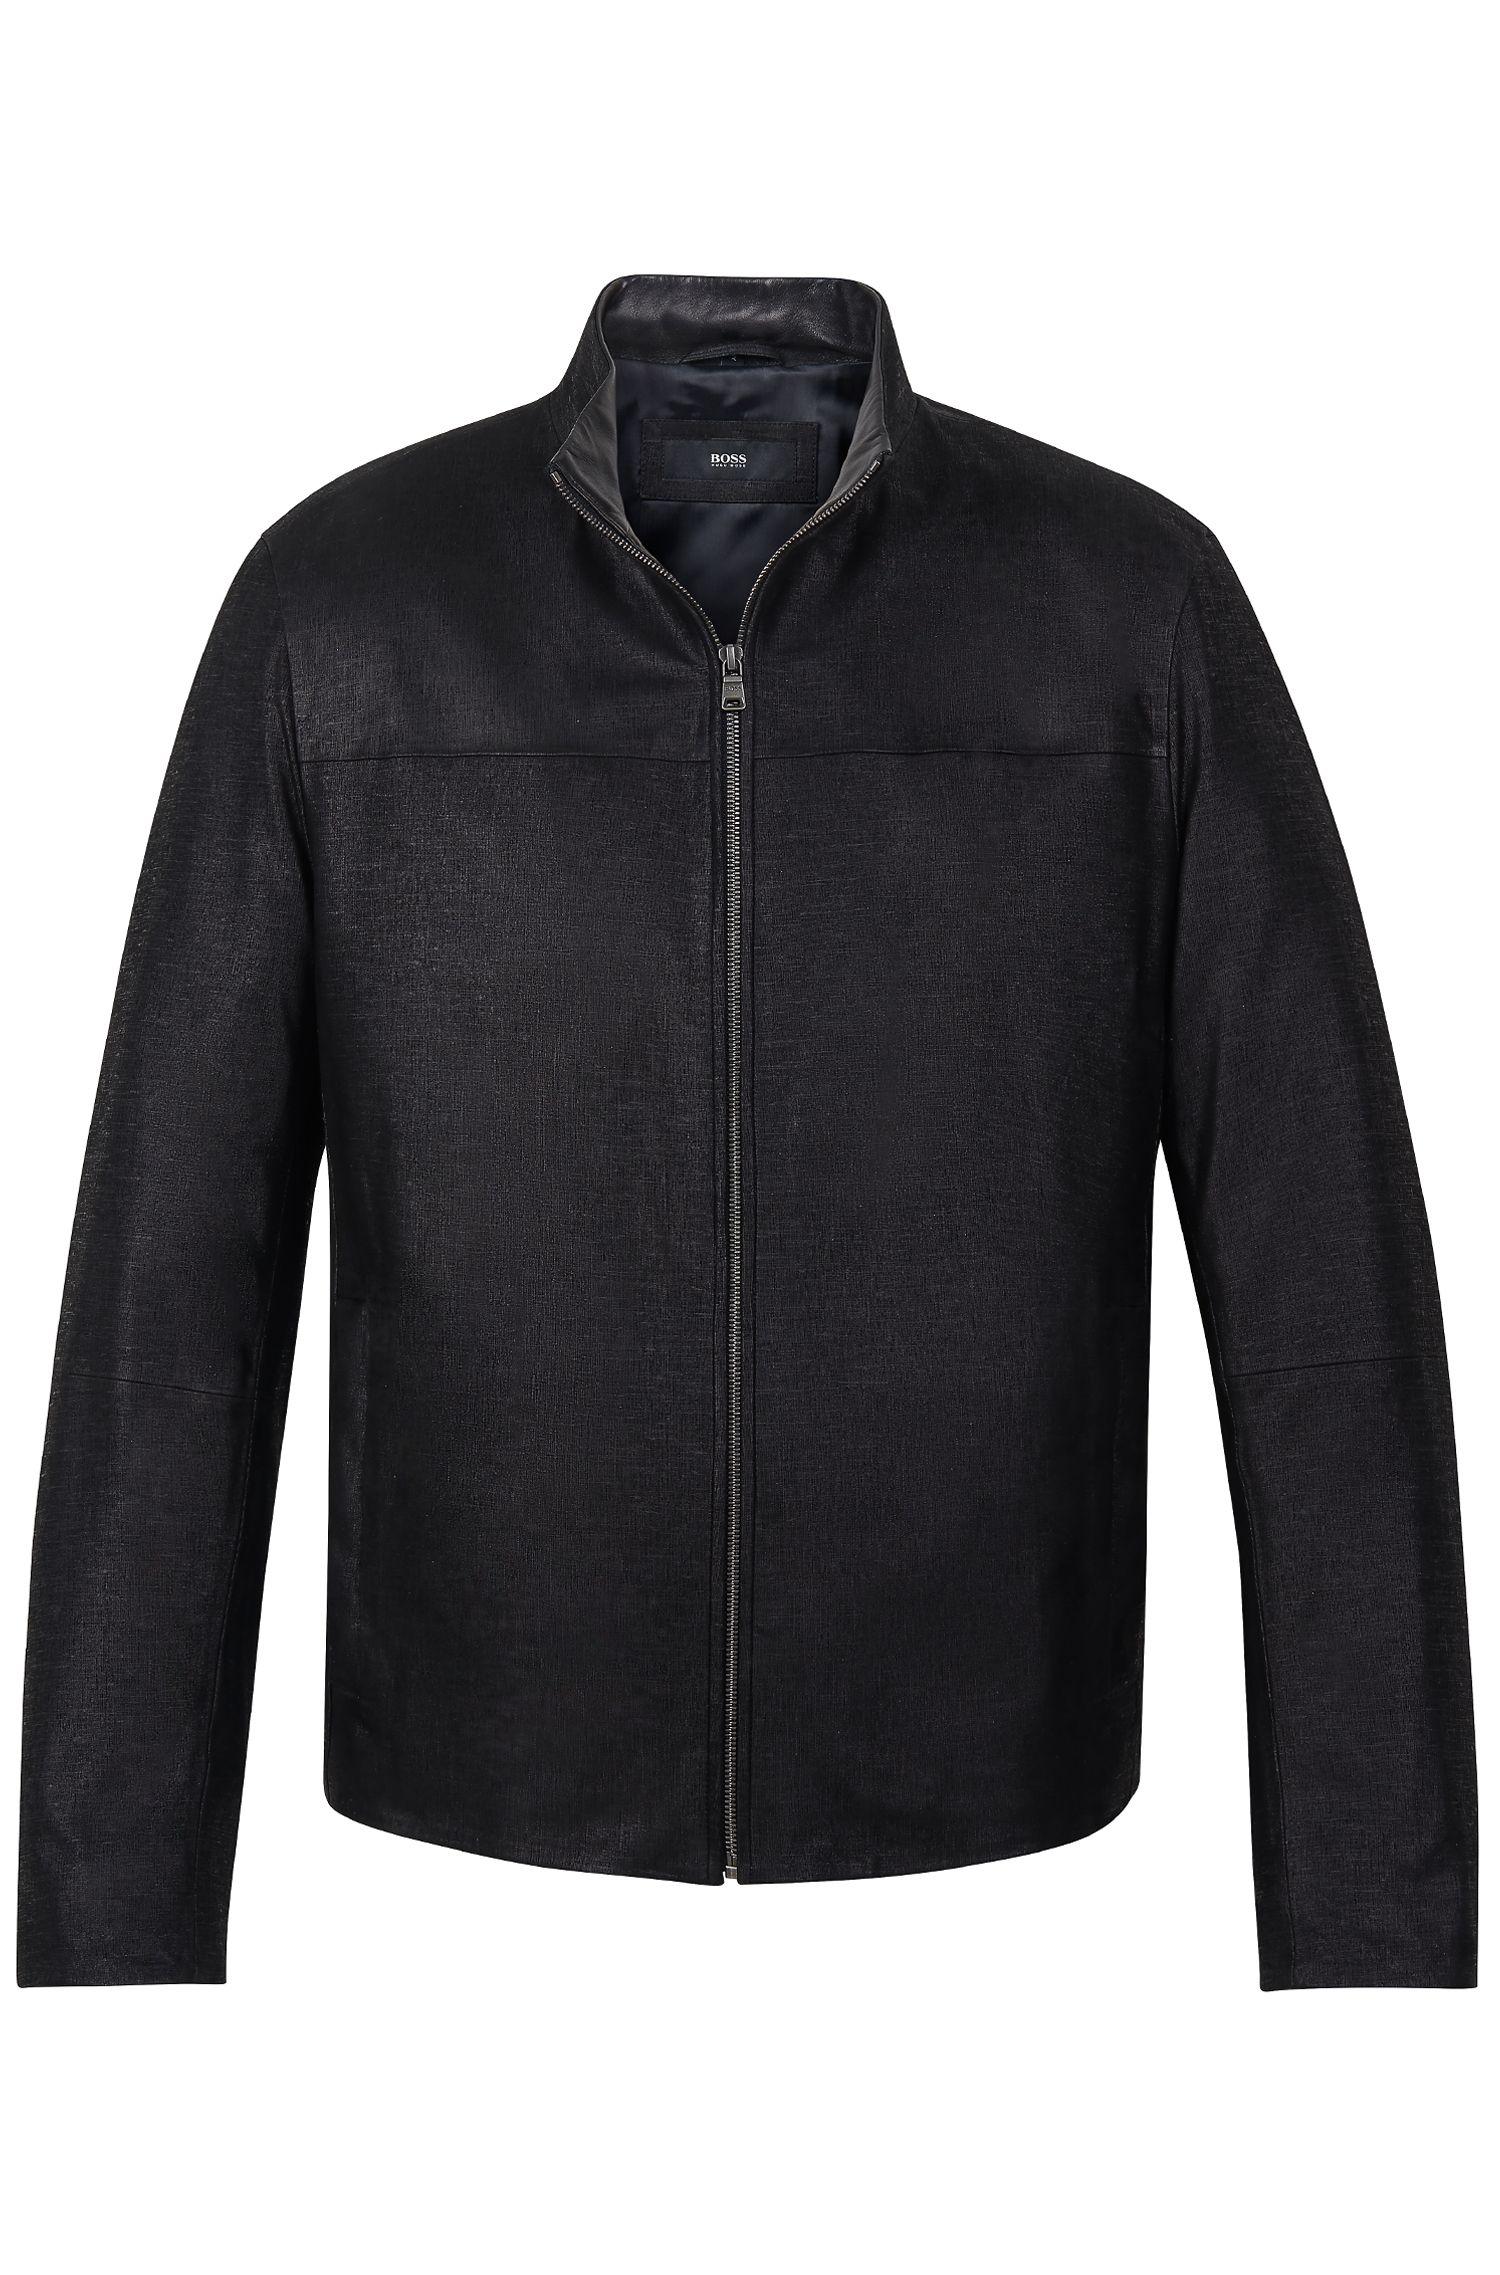 7dae4dca42 hugo boss winter coat sale | Teduh Hostel